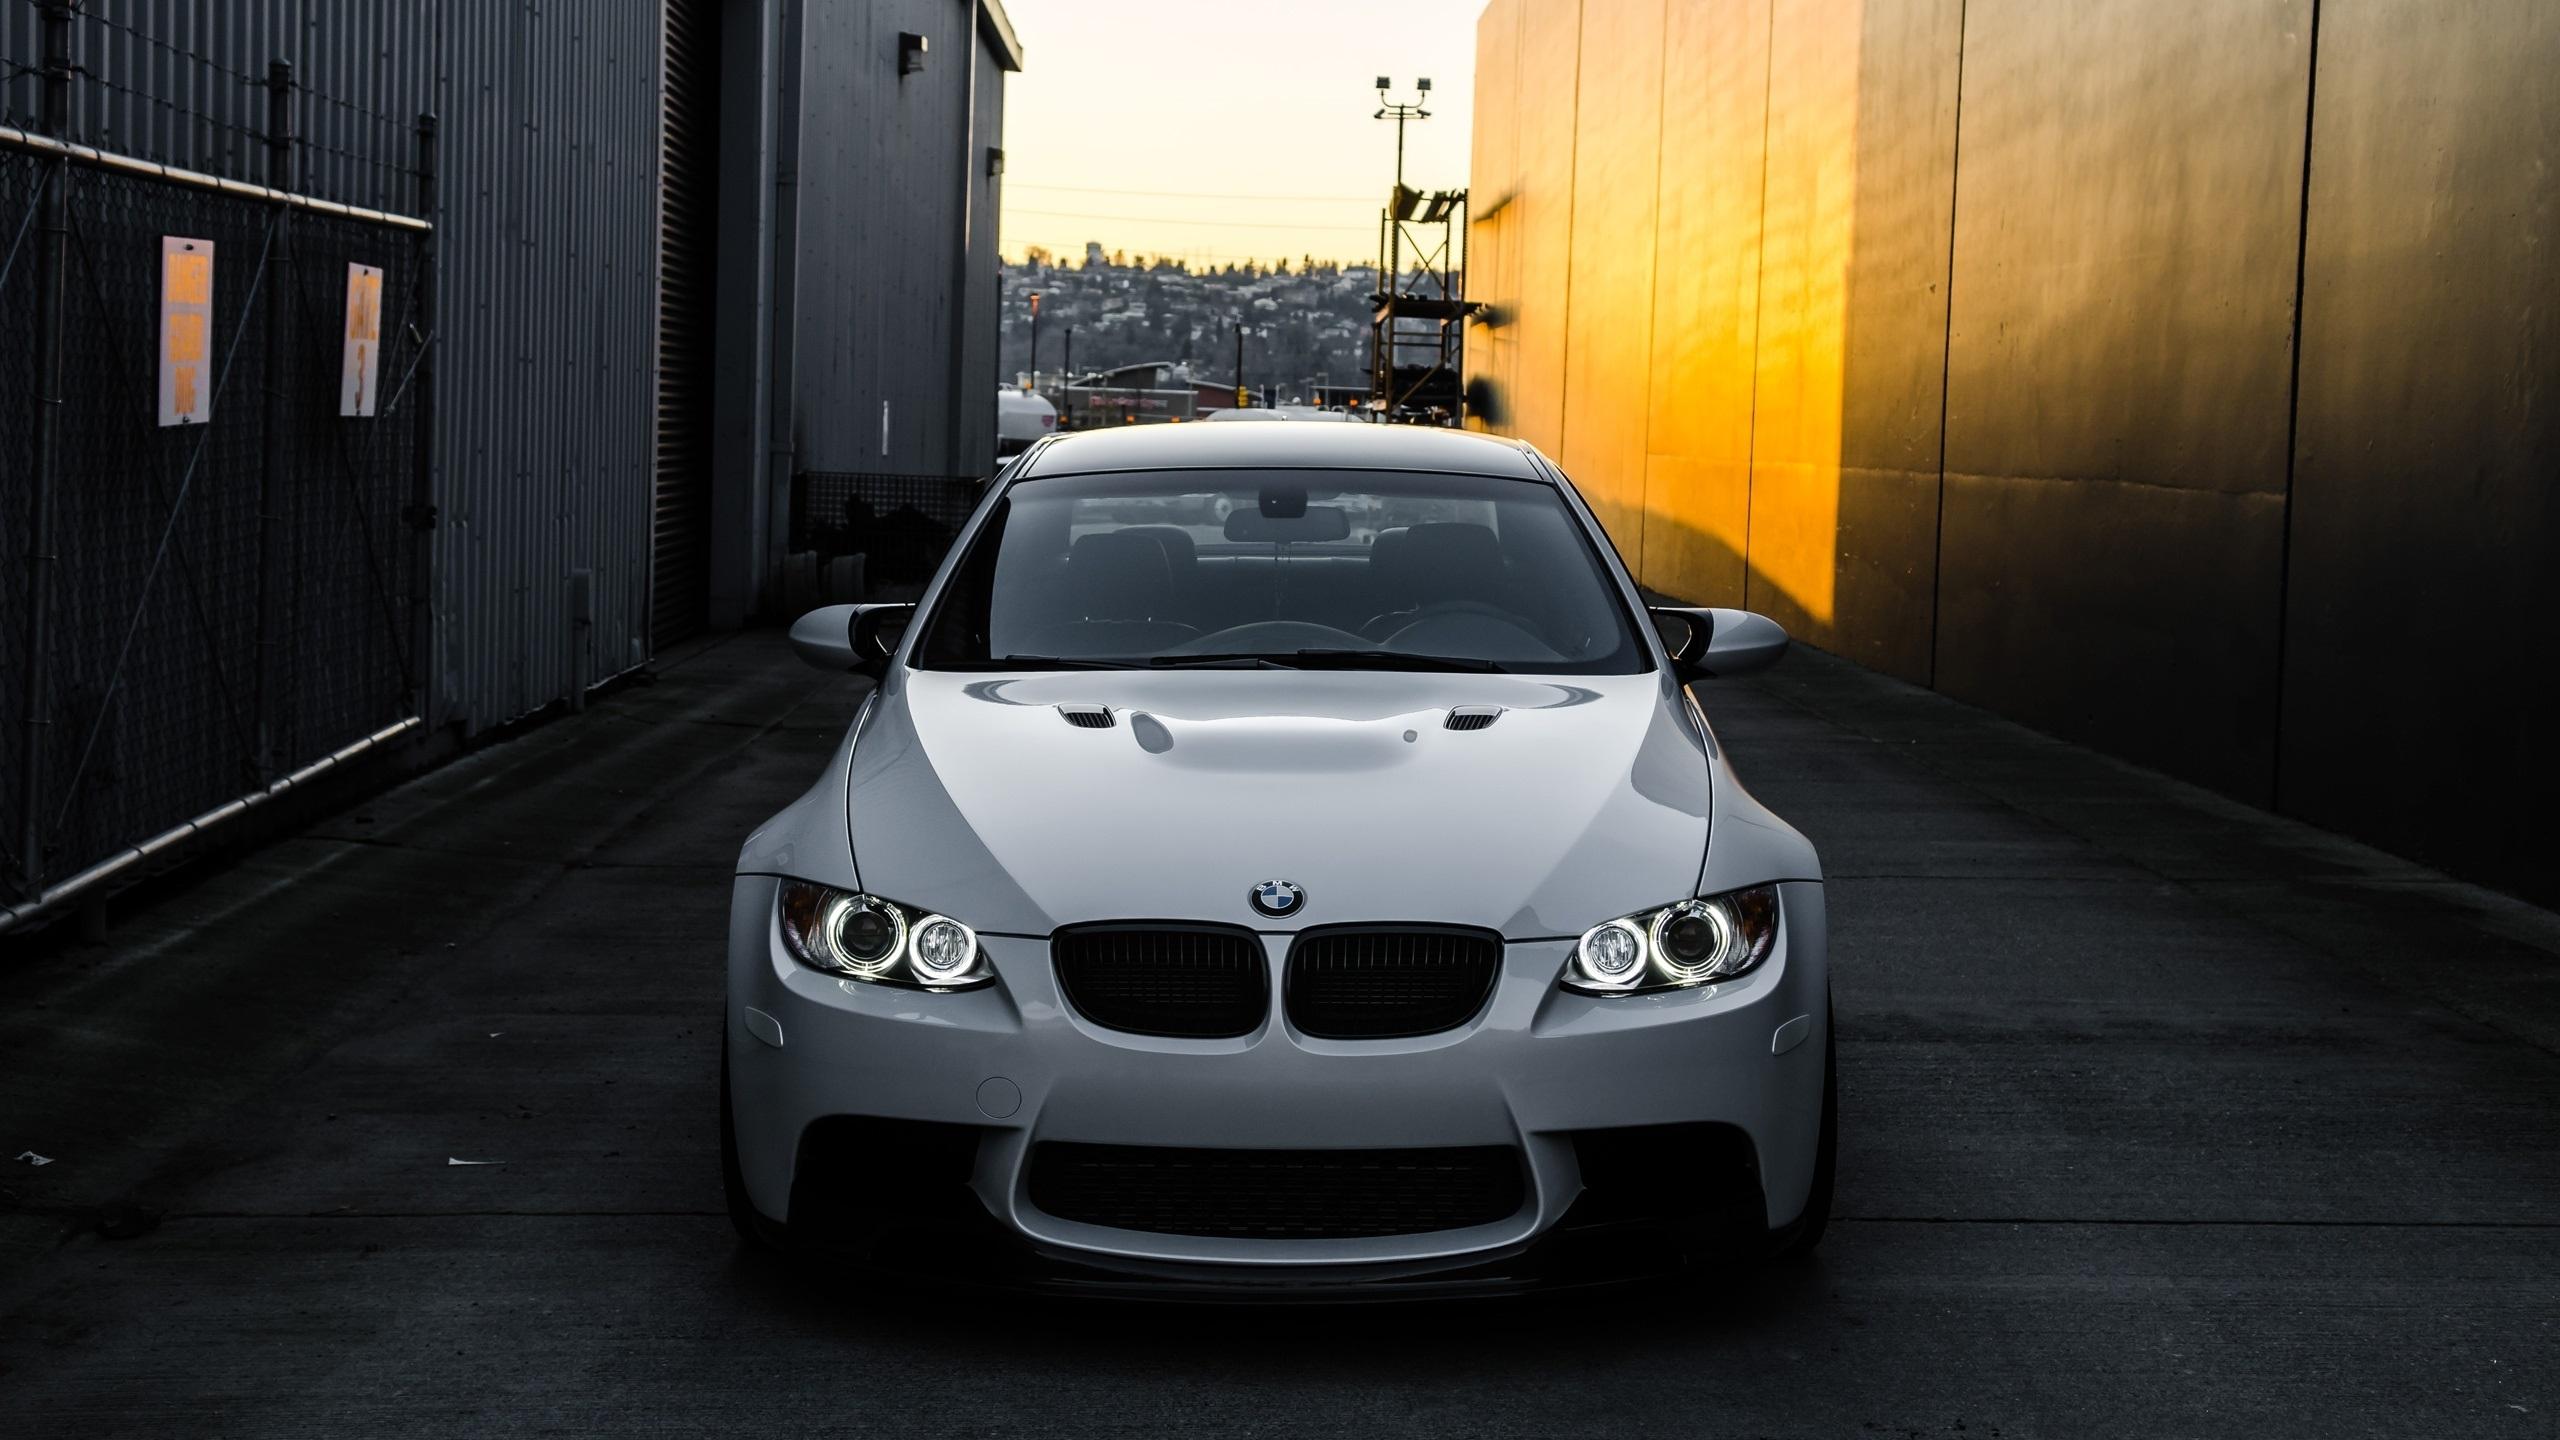 bmw m3 car front wallpaper 43804 2560x1440 px ~ hdwallsource